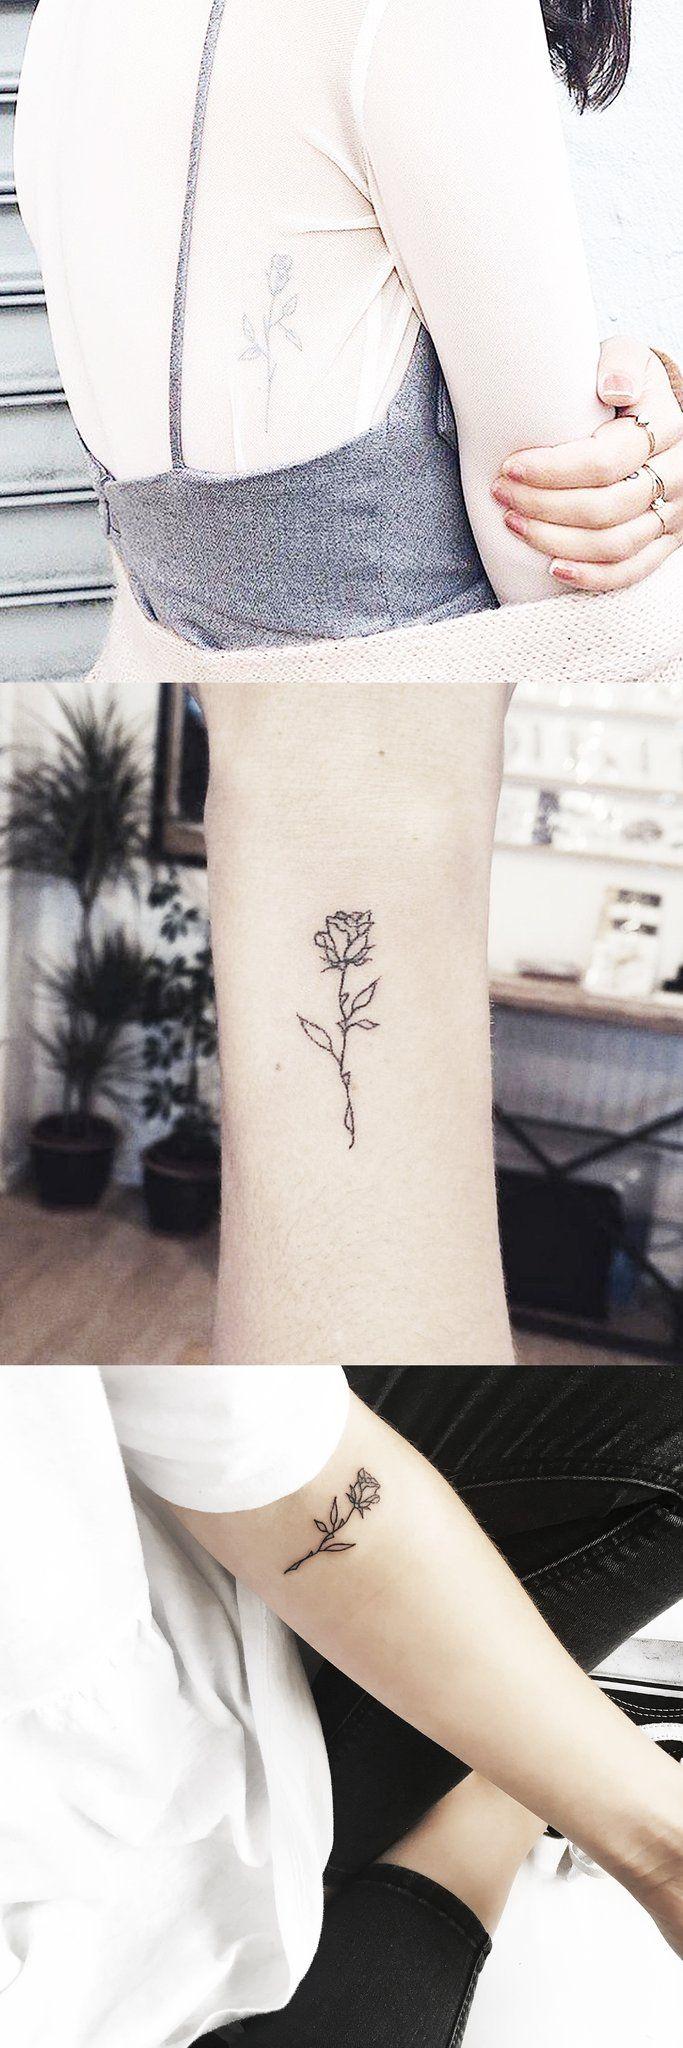 Cute Flower Tattoos On Wrist: Small Cute Full Rose Wrist Tattoo Ideas